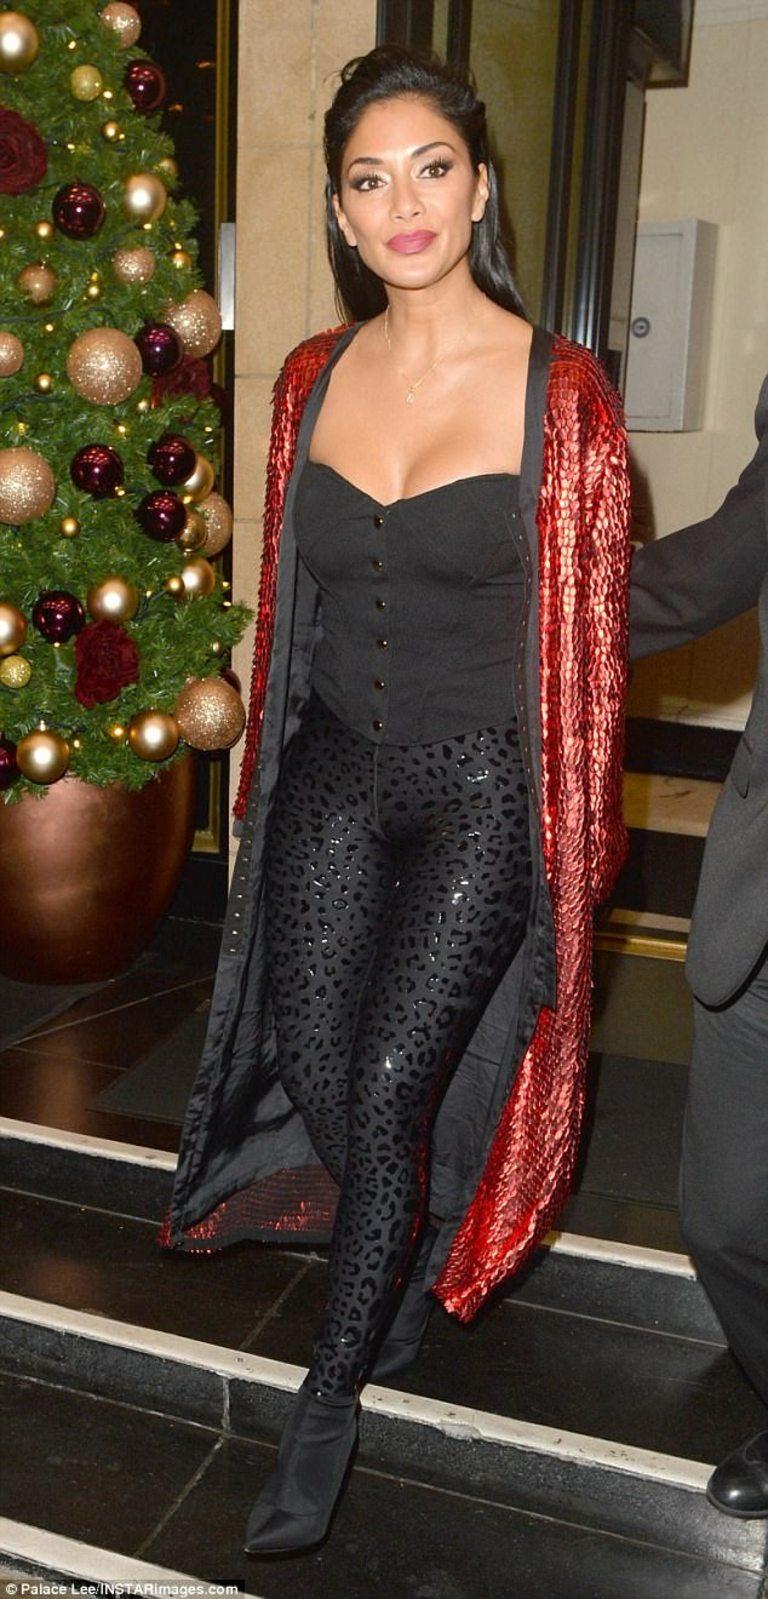 Певицата не пропуска и да се забавлява. В съботната вечер тя отпразнува финала на X Factor в актуално лондонско заведение